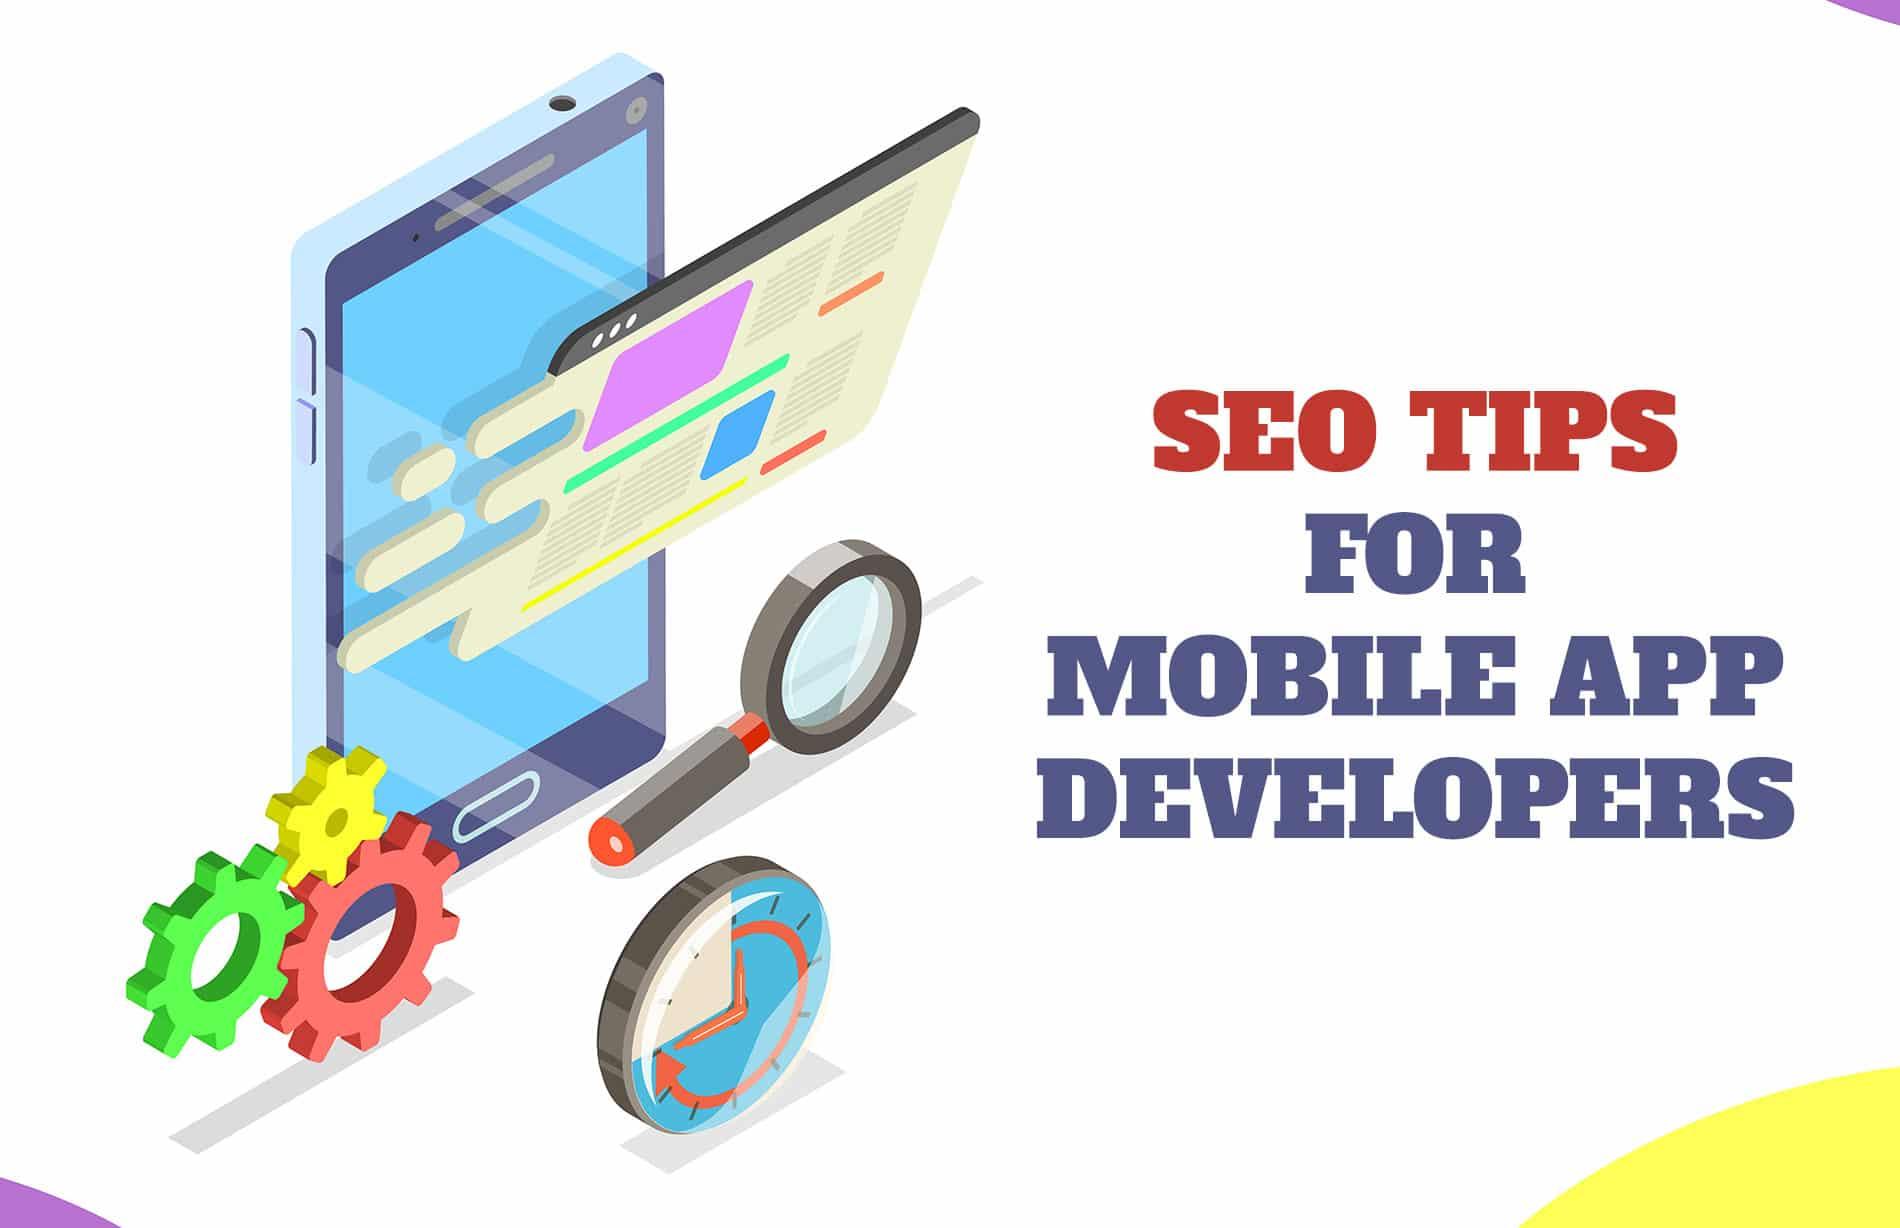 SEO tips for mobile app developers